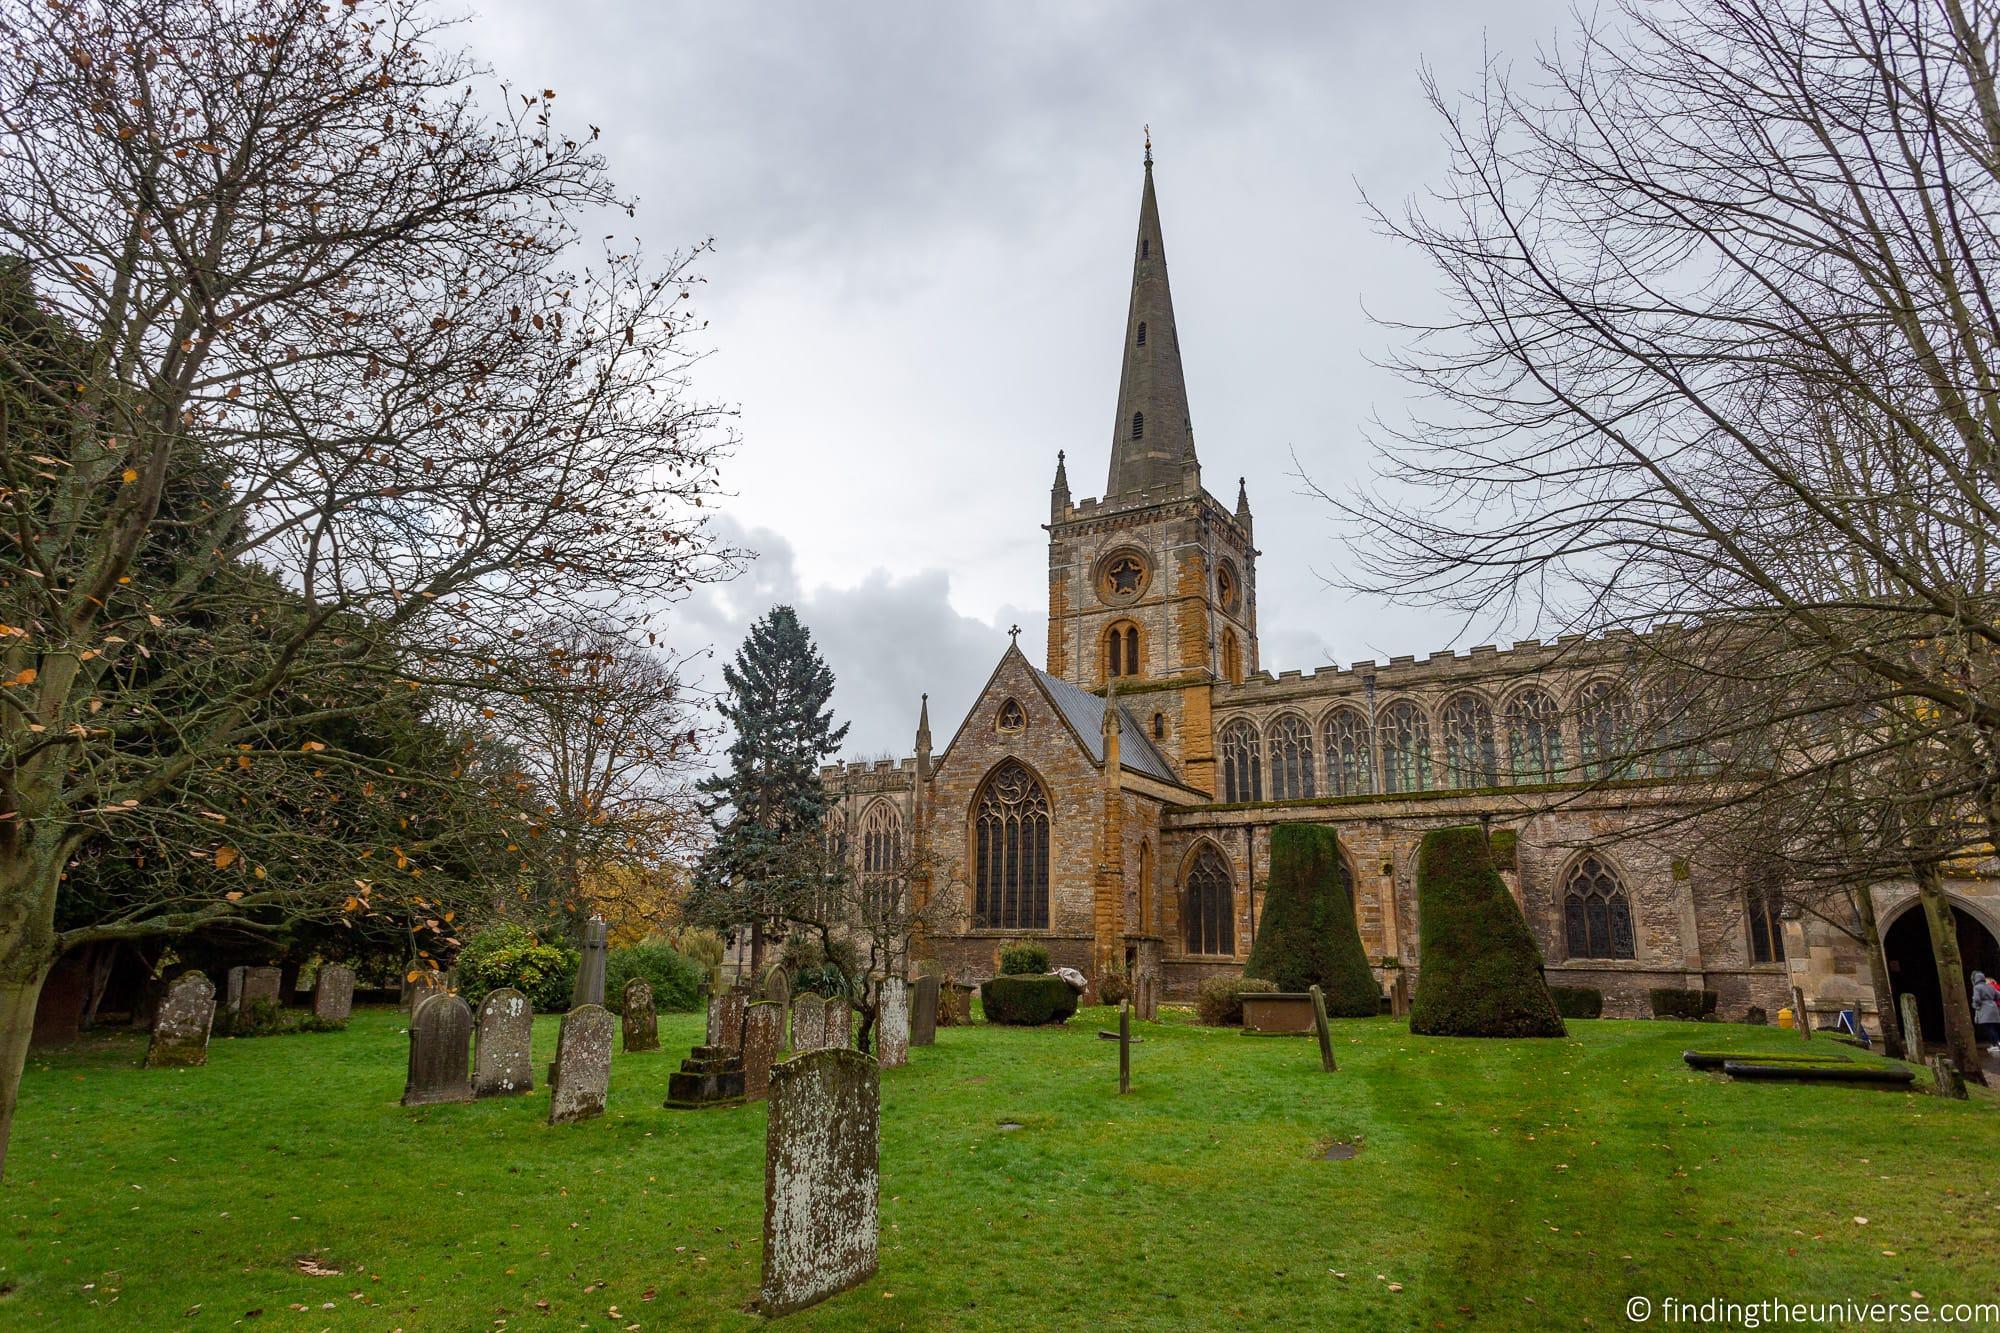 Holy Trinity Church Stratford-Upon-Avon